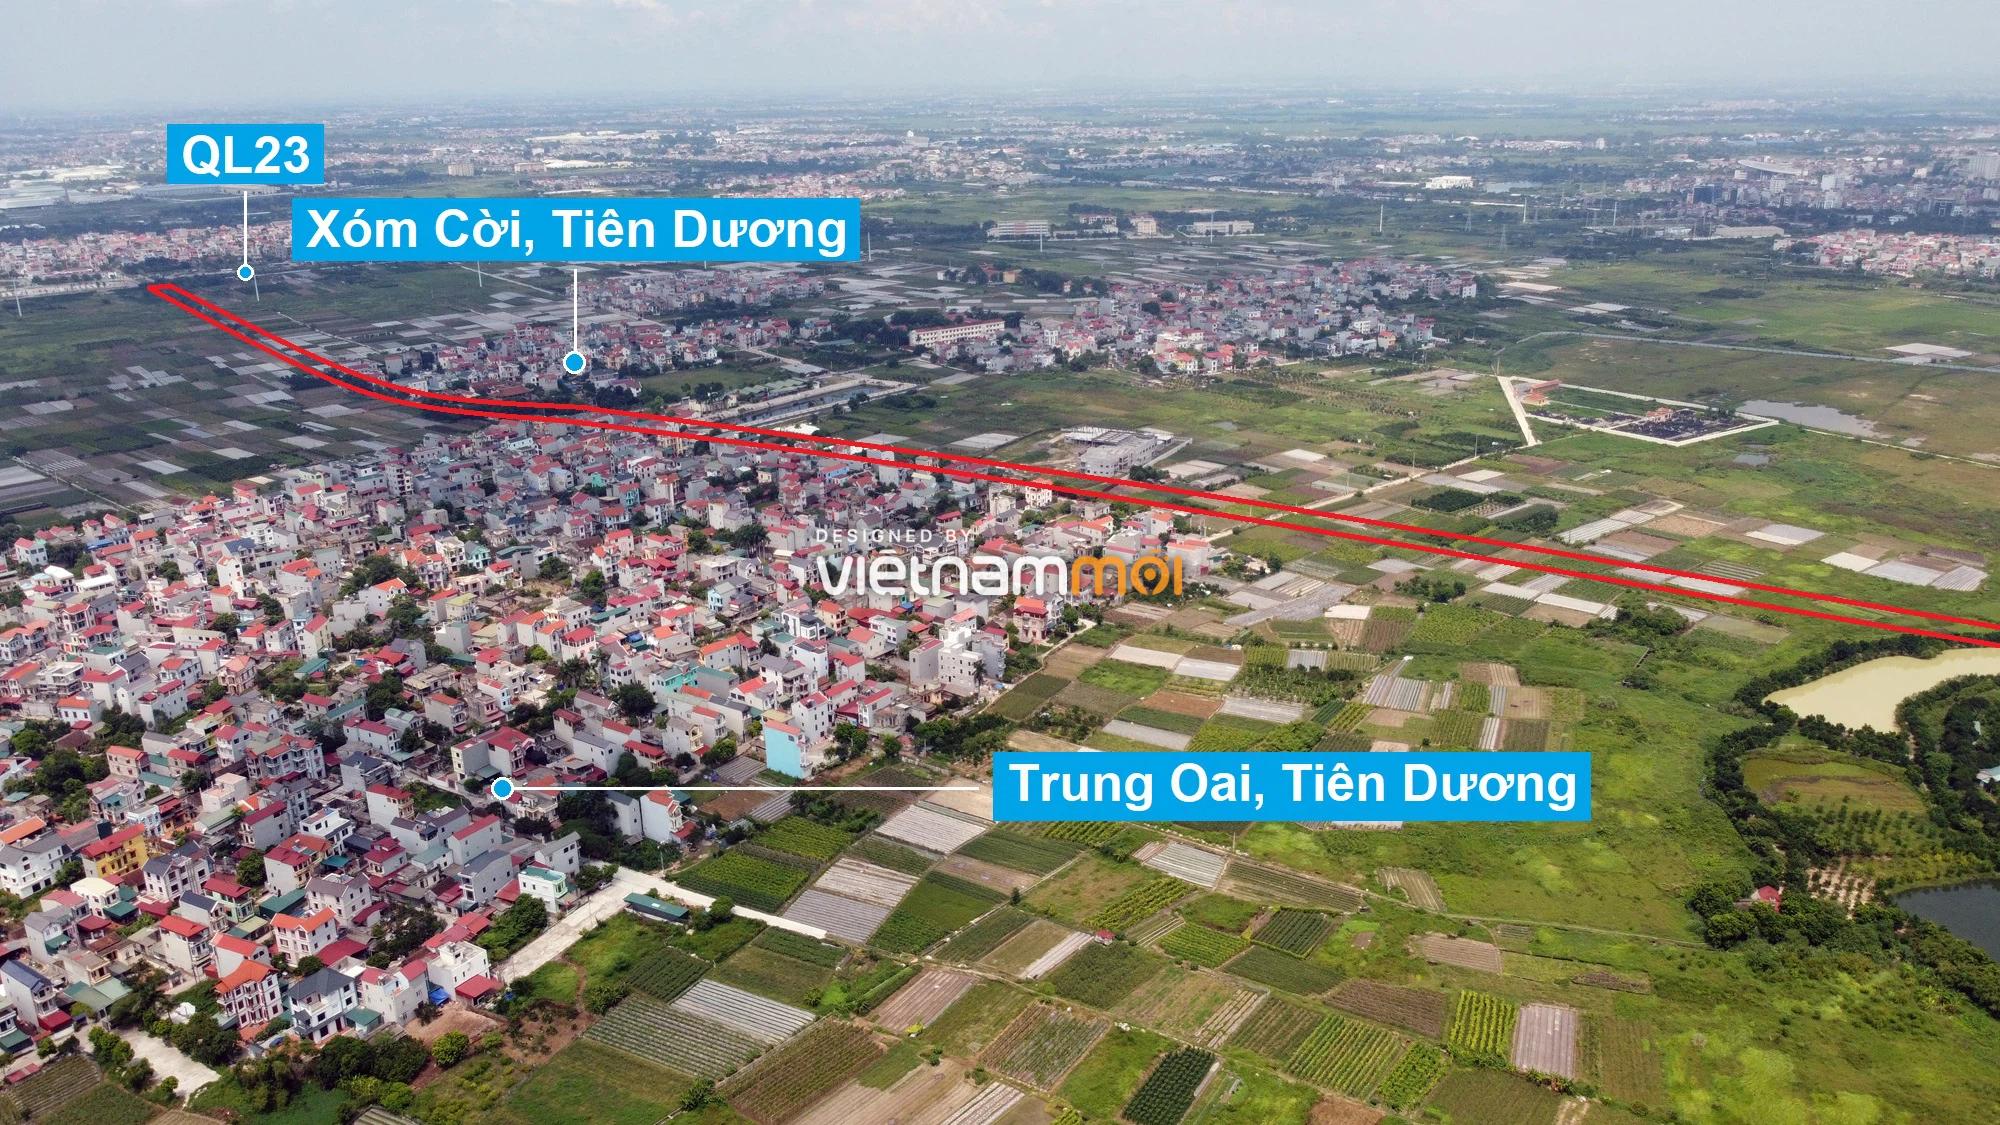 Đường sẽ mở theo quy hoạch xung quanh dự án Thành phố Thông minh Bắc Hà Nội (phần 3) - Ảnh 16.